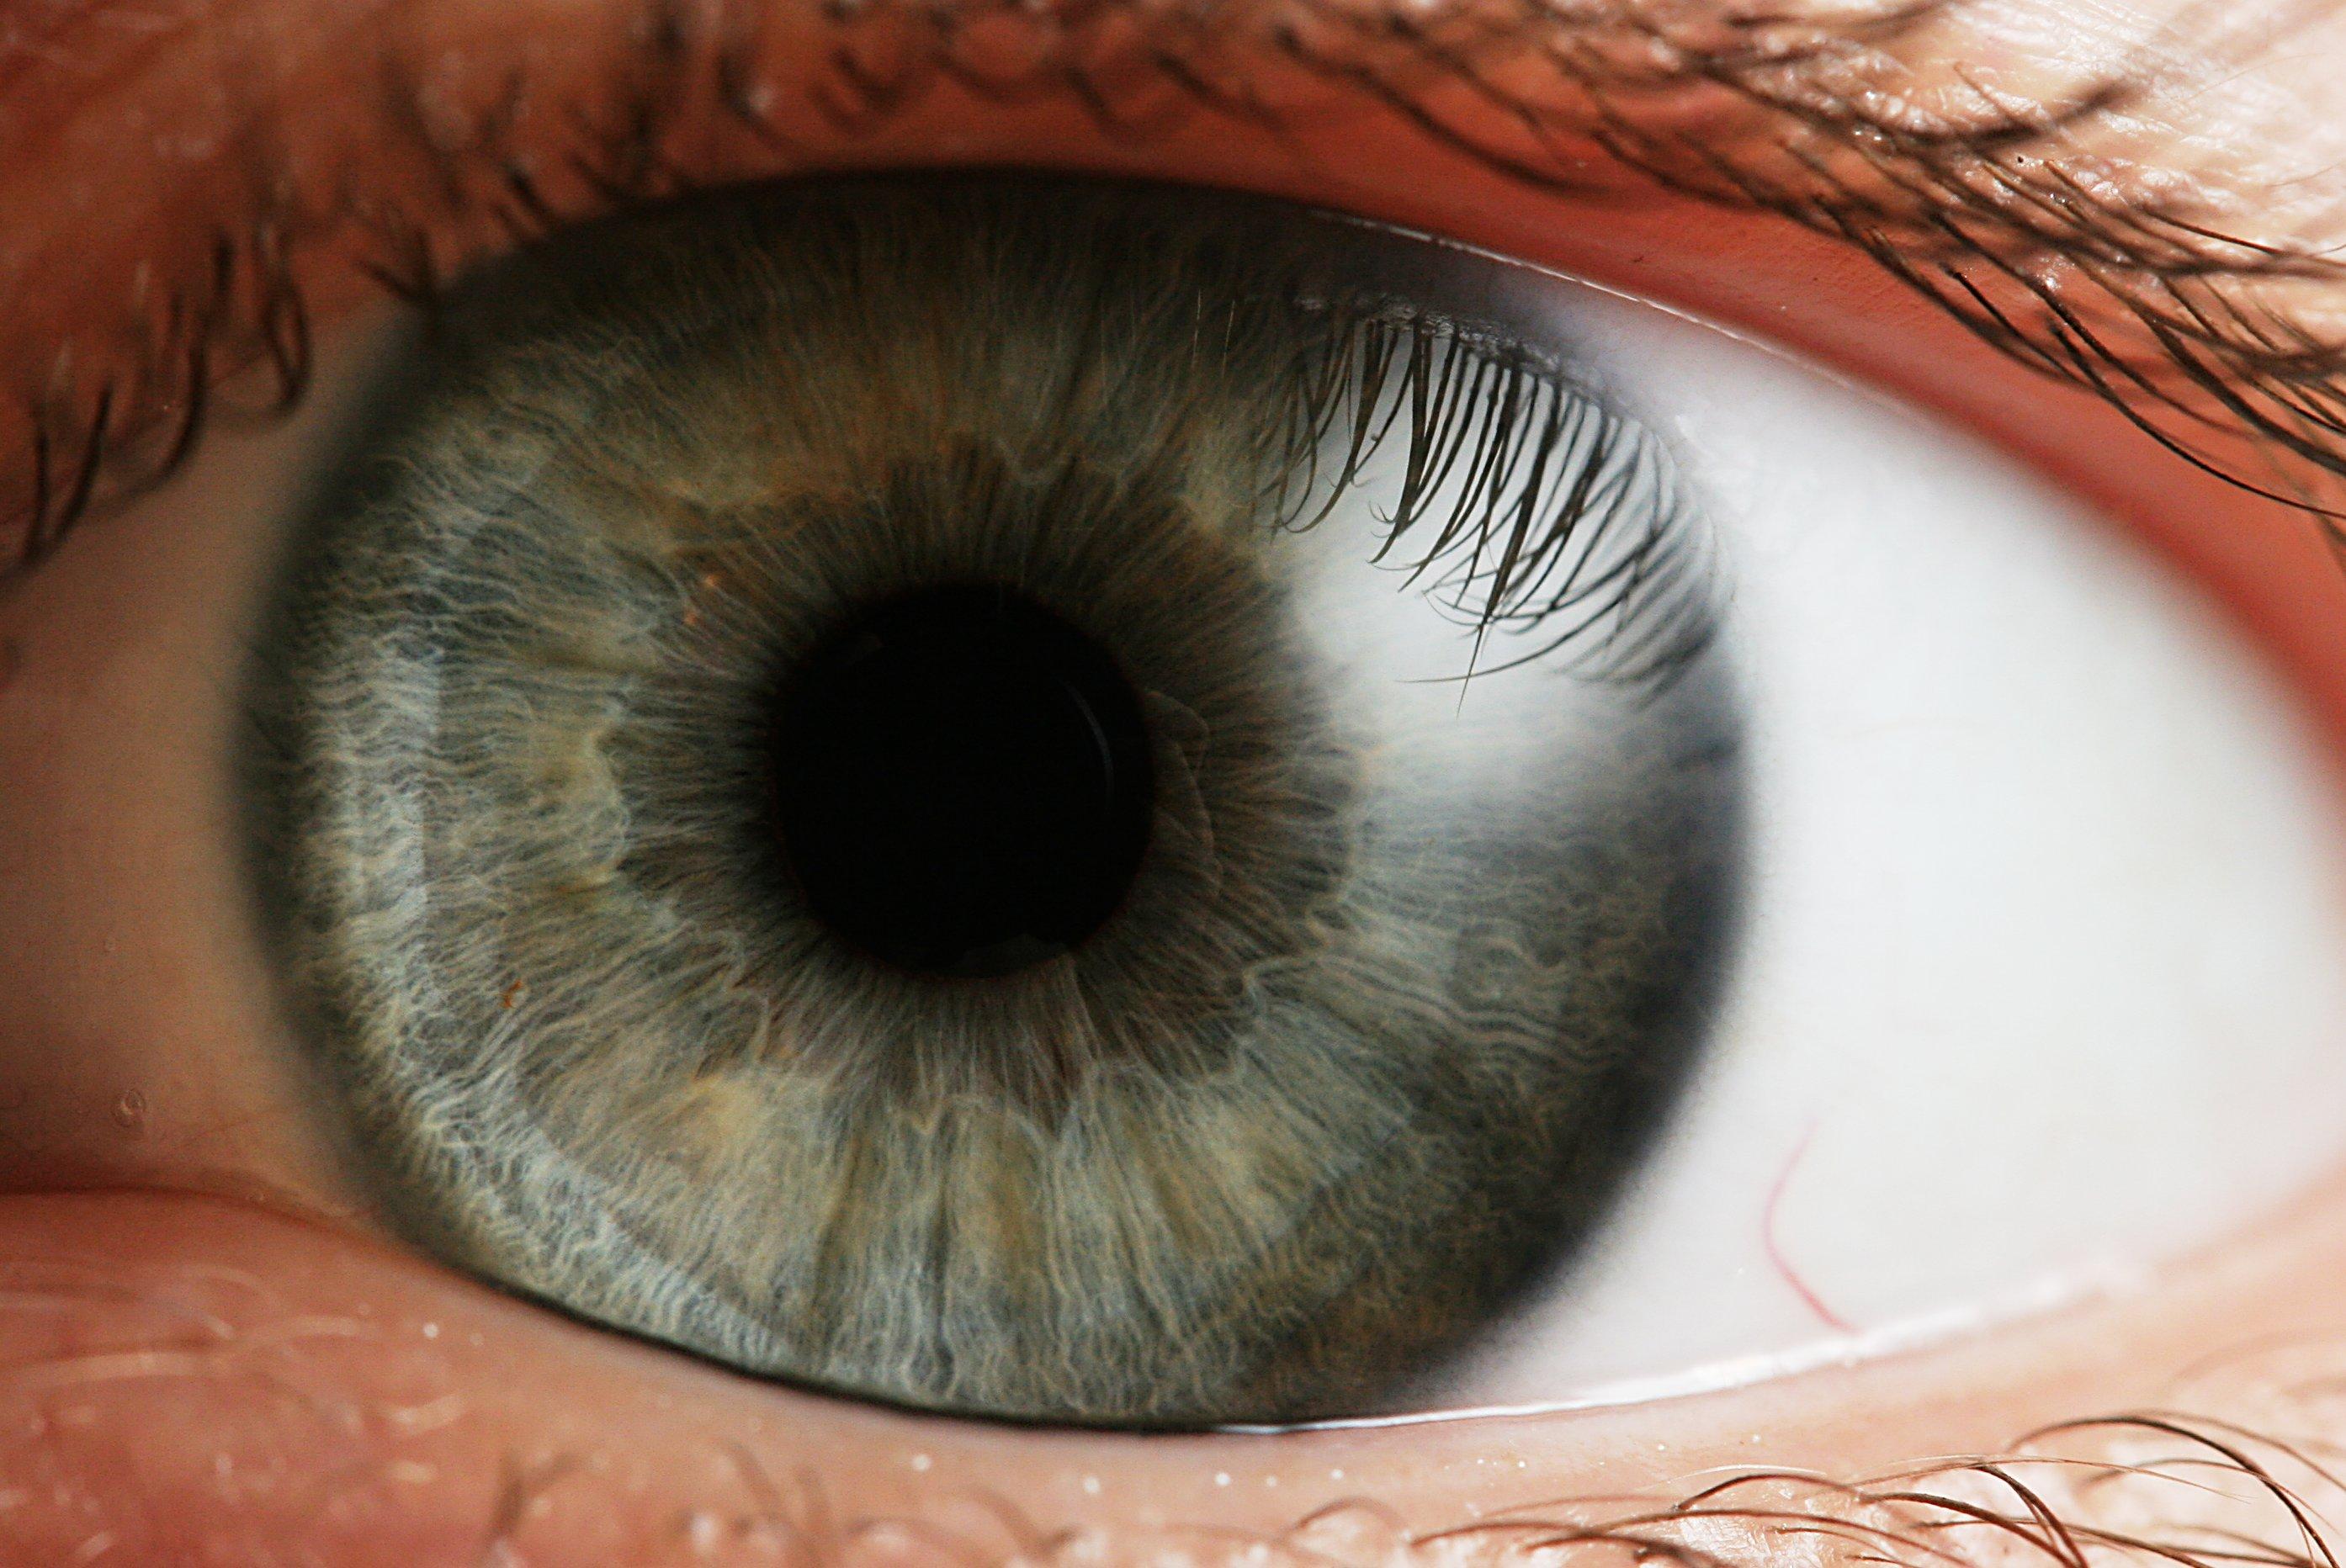 Human Iris (Wikipedia 002)